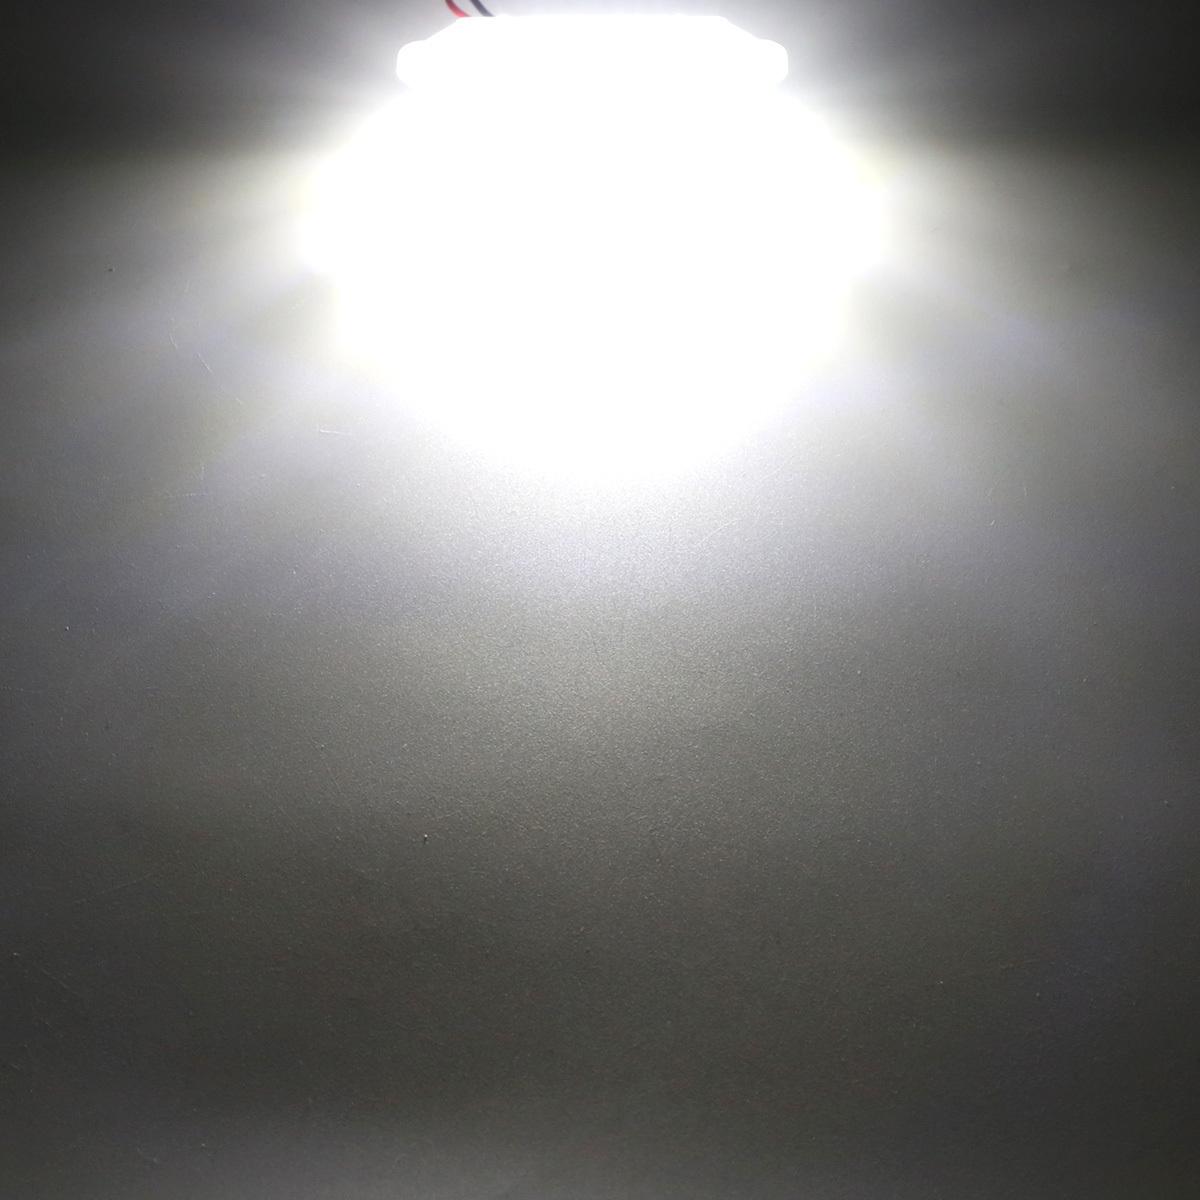 ランサーエボリューション10 CZ4A CY系 ギャラン フォルティス LED ライセンスランプ ナンバー灯 6000K ホワイト ランエボⅩ R-463_画像3